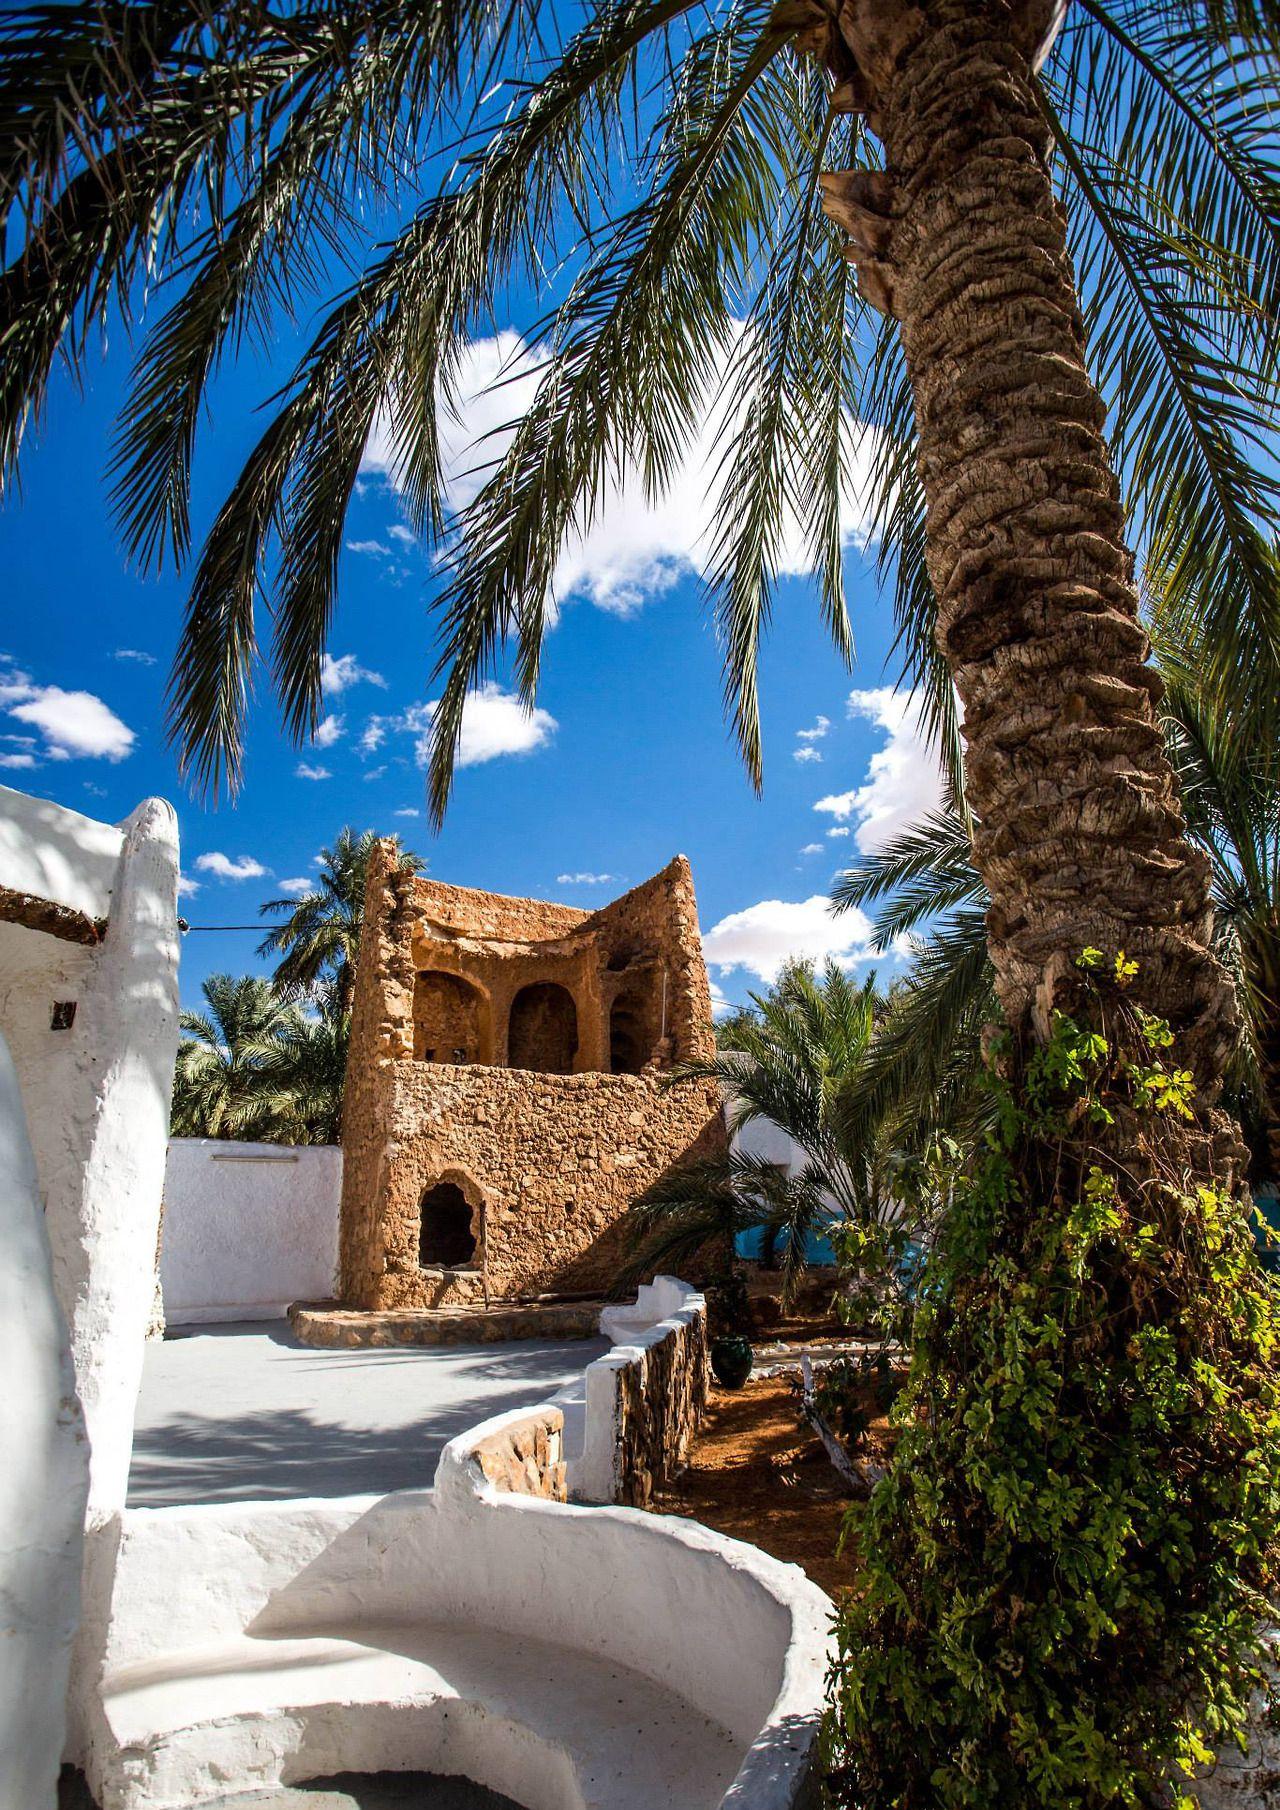 Ghardaia Paysage algerie, Paysages magnifiques, Desert